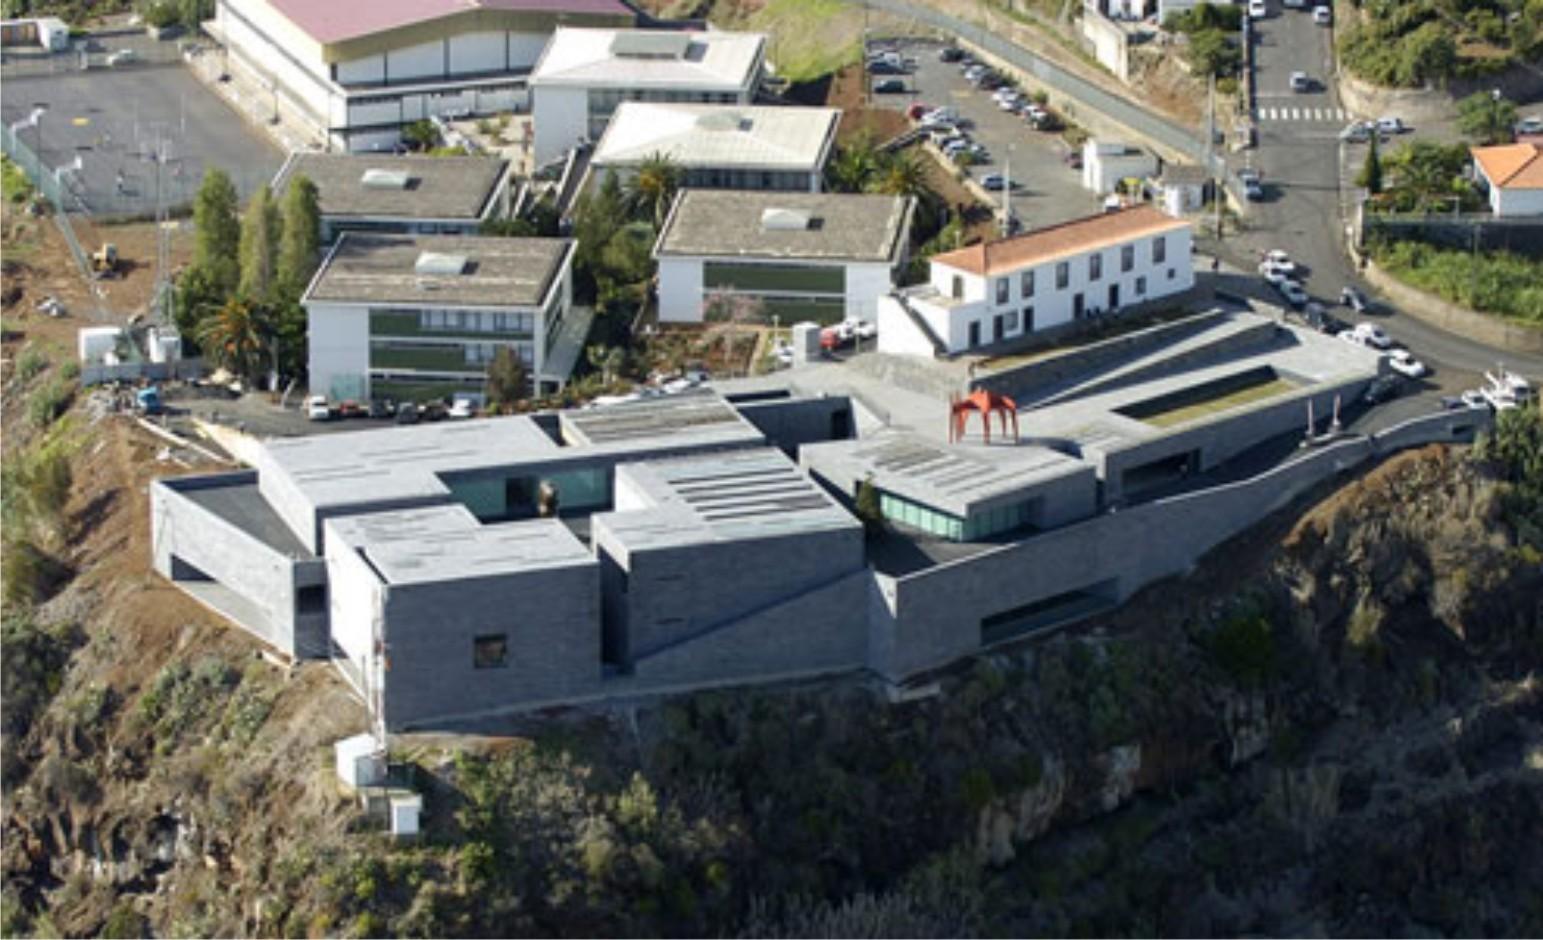 Museu de Arte Contemporânea da Madeira (Mudas)